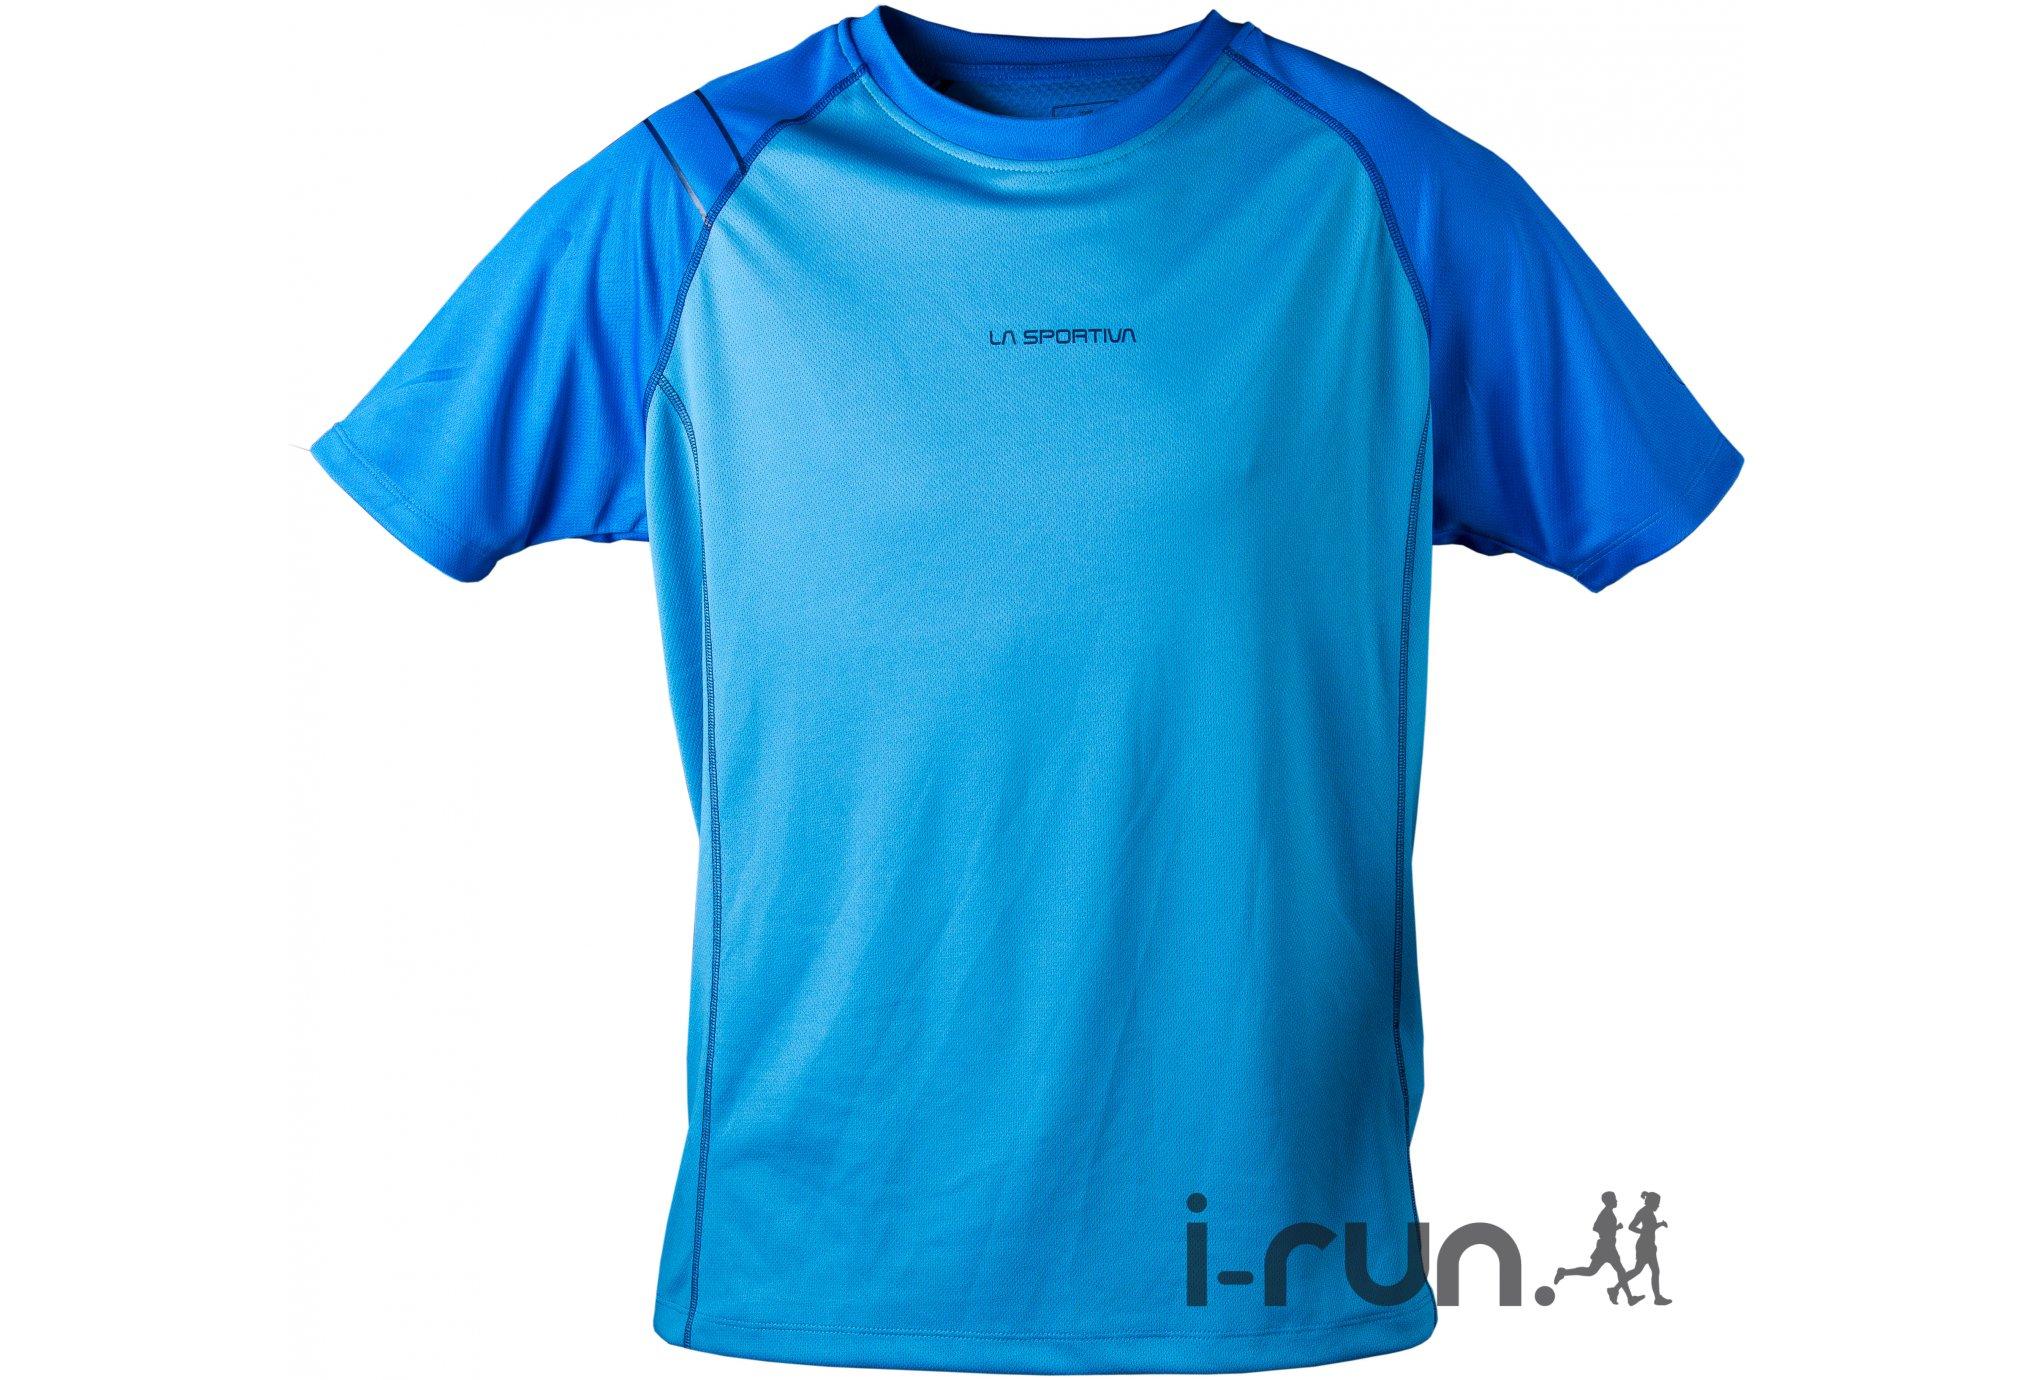 La Sportiva Tee-shirt Legacy M Diététique Vêtements homme